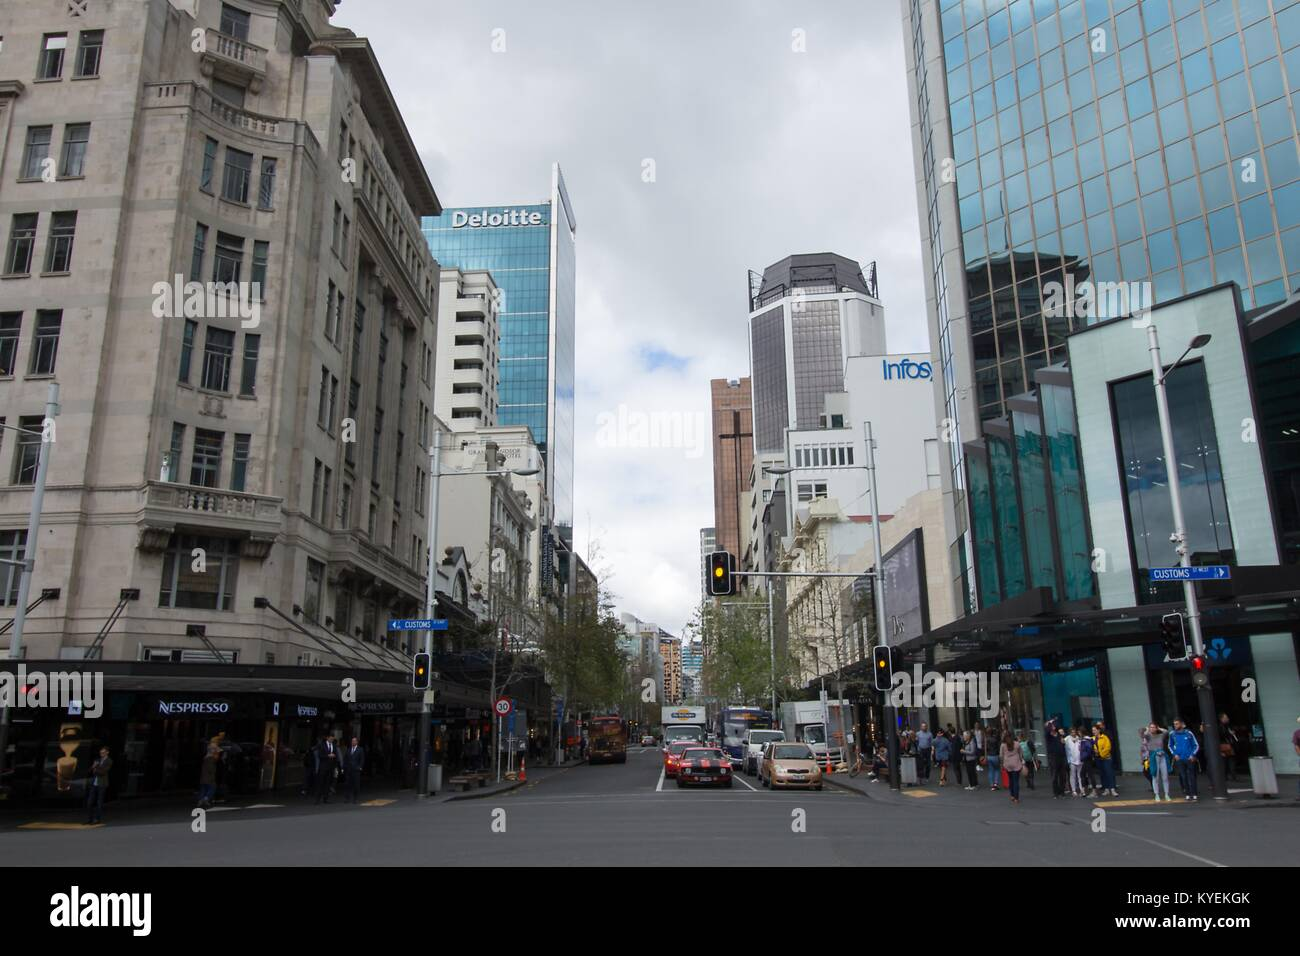 Deloitte e Infosys edifici sono visibili in Customs Street West quartiere di Auckland, in Nuova Zelanda, Ottobre Immagini Stock